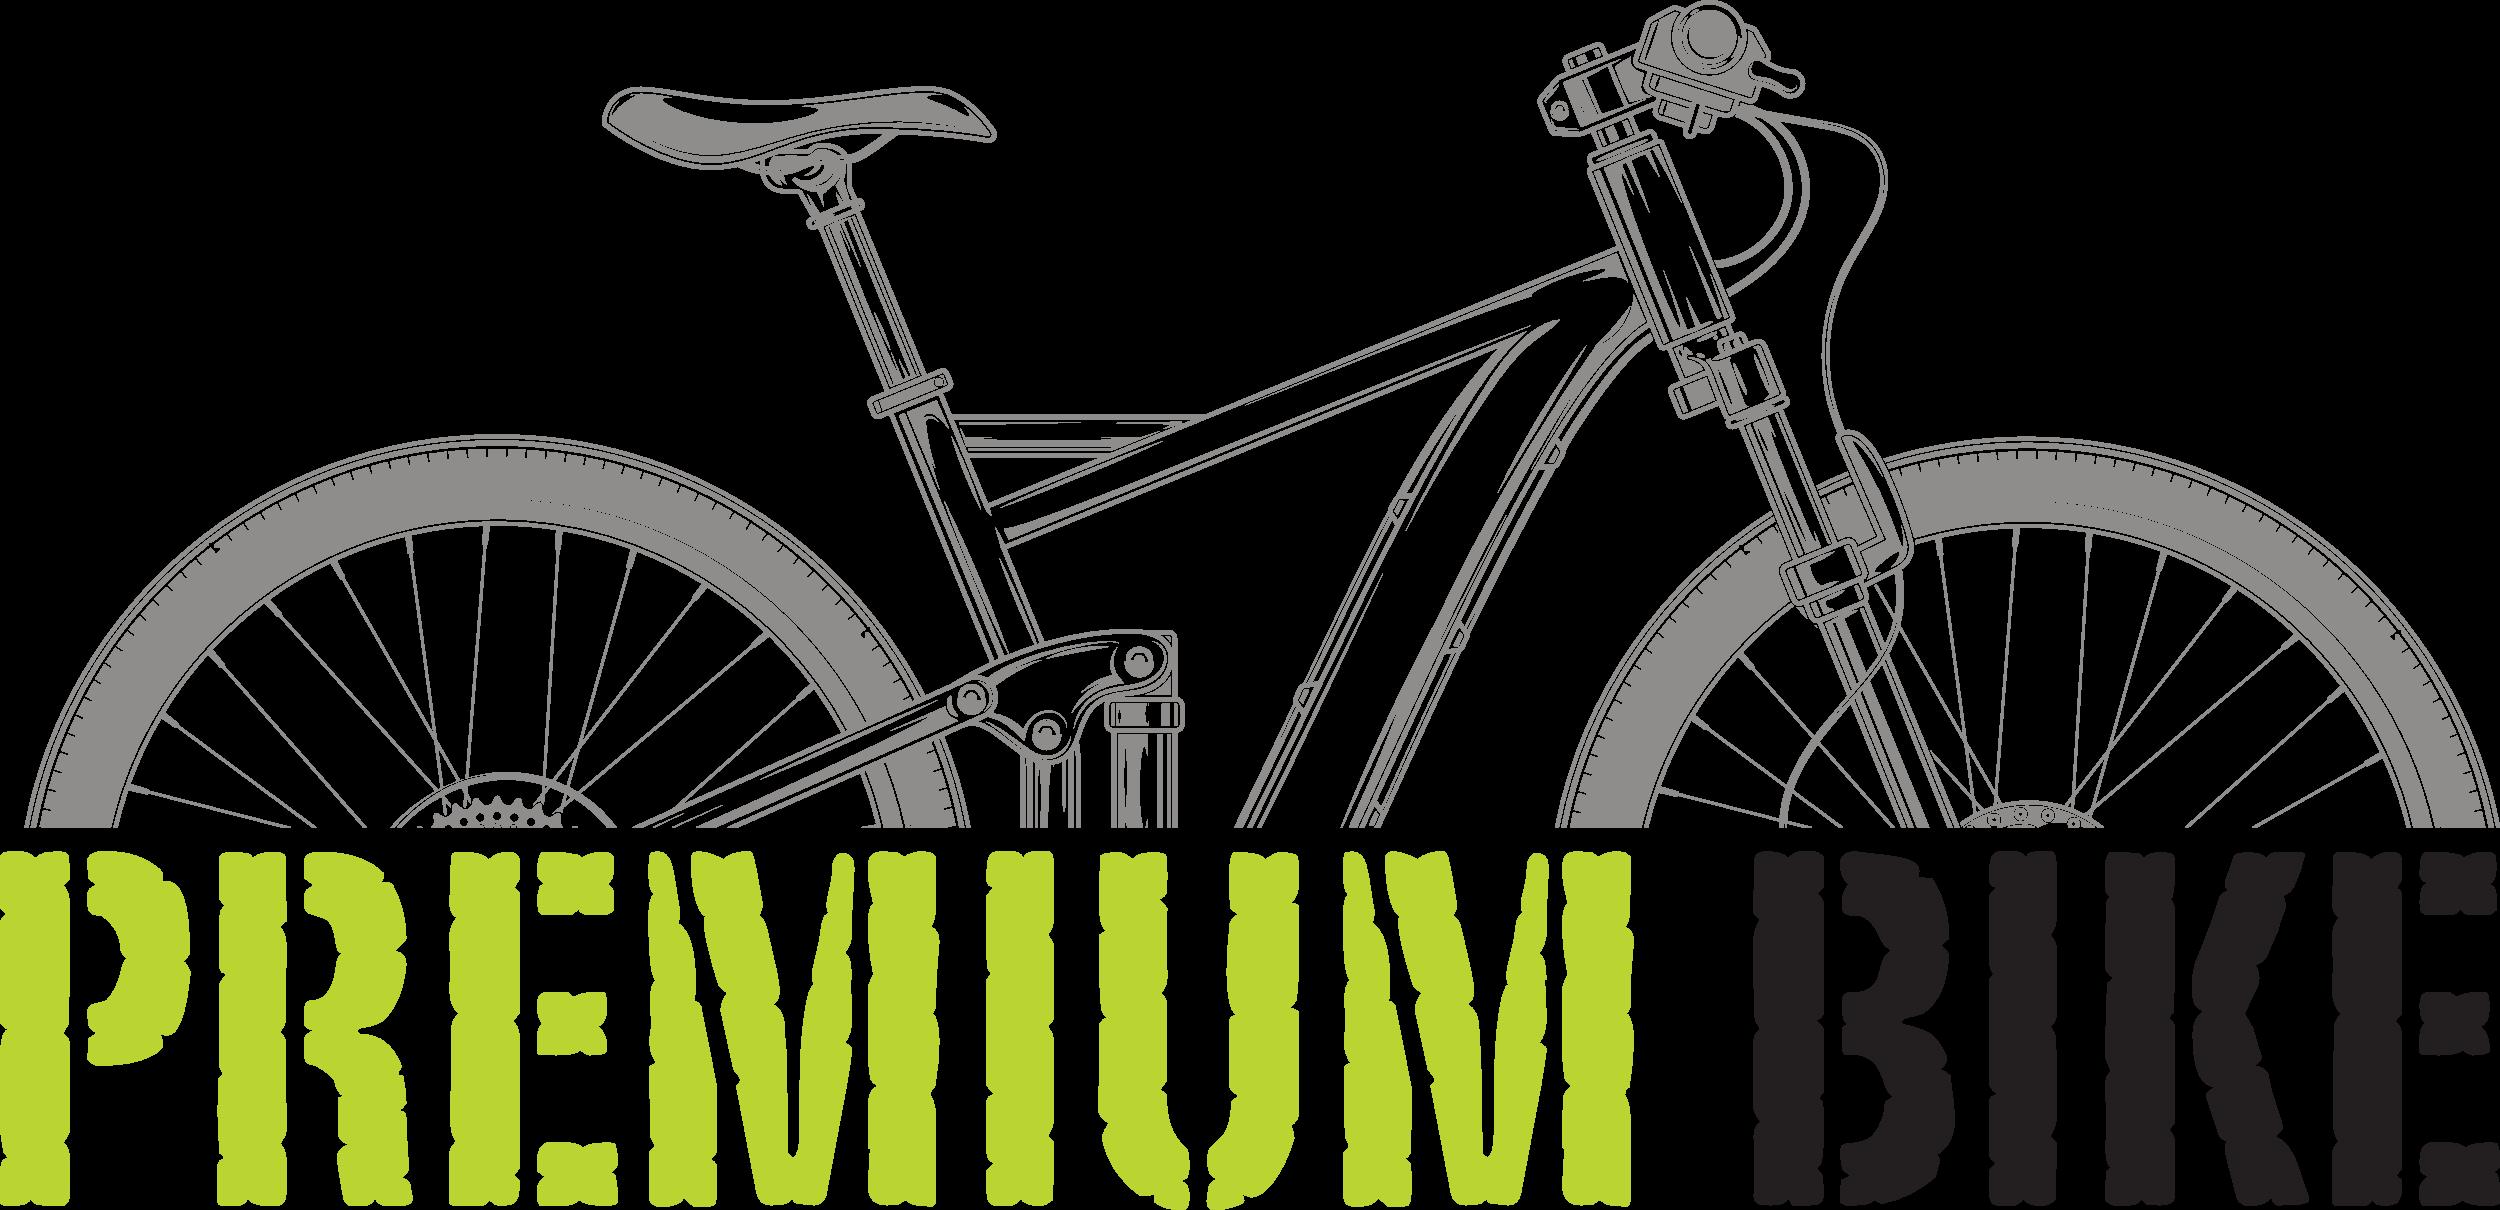 Vendita,Consulenza,Riparazione e Assistenza di tutte le biciclette per Uomo,Donna,Bambino,Elettriche,Pieghevoli,Muscolari,da Corsa,per il Fitness,Gravel,City Bike,E Bike,Bmx,Montain Bike e tutti gli accessori.